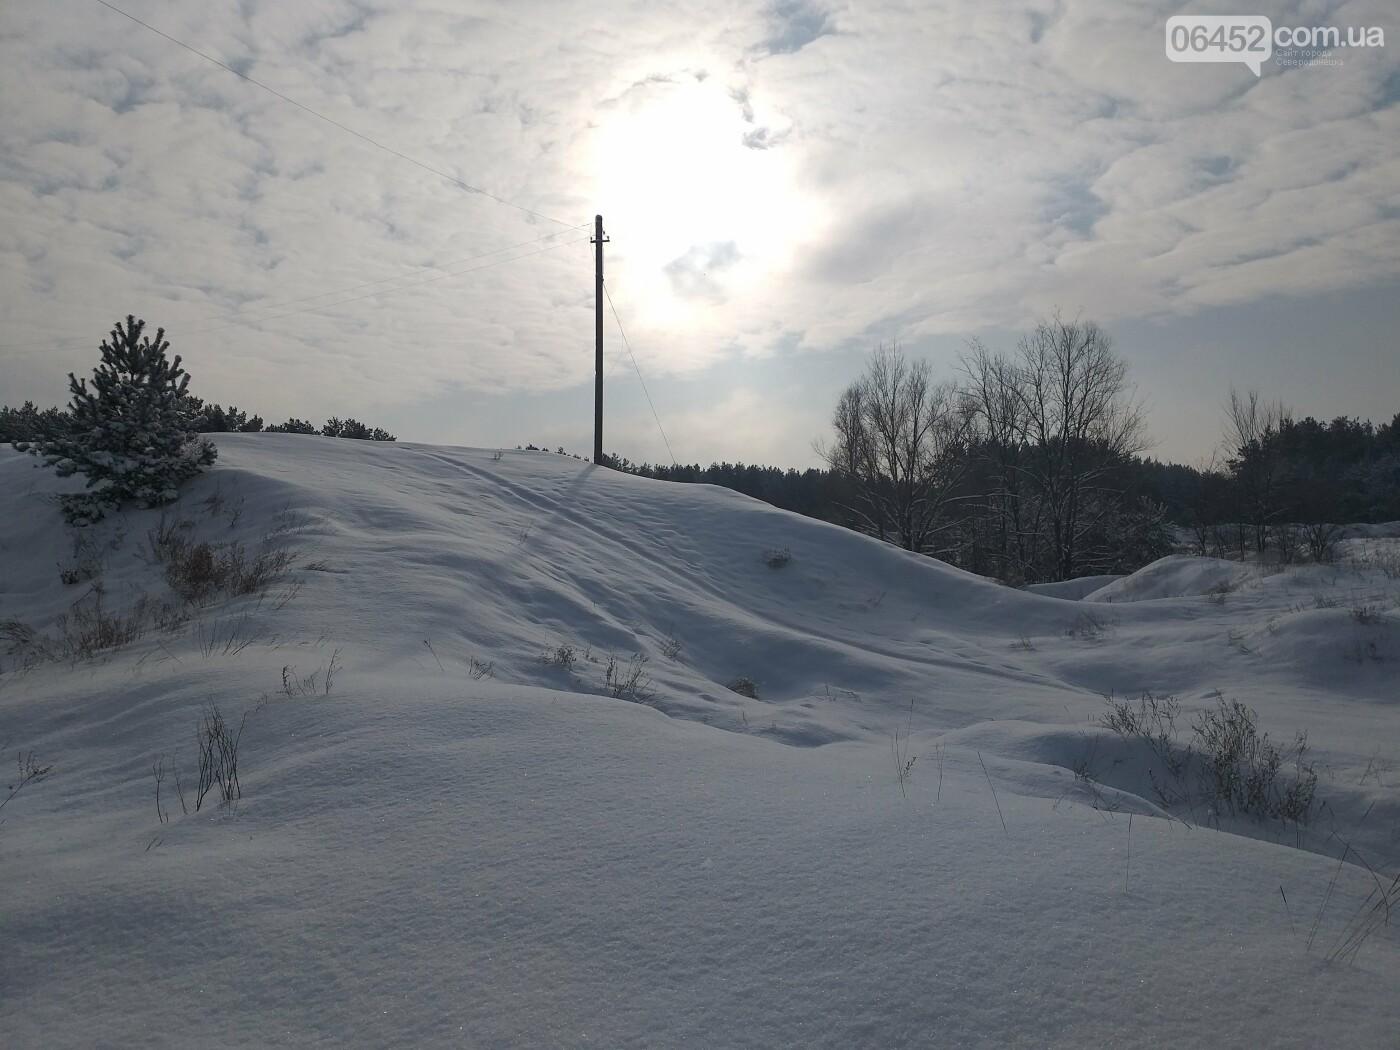 Зимние забавы Северодонецка: где в городе покататься на санках и коньках (фото, видео) , фото-4